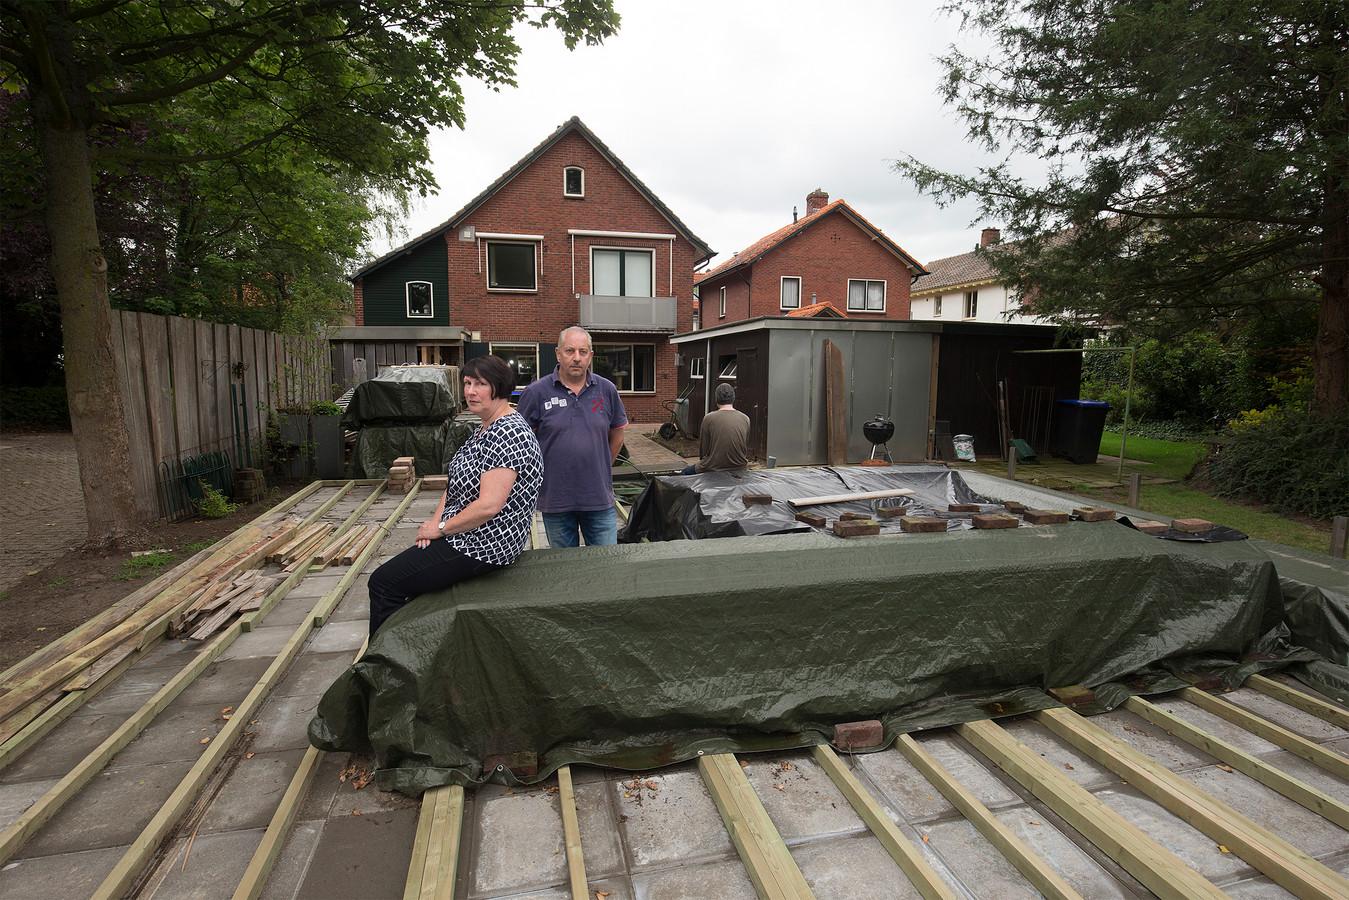 Huis Als Bouwpakket : Woning nog steeds bouwpakket: winston en ouders wanhoop nabij